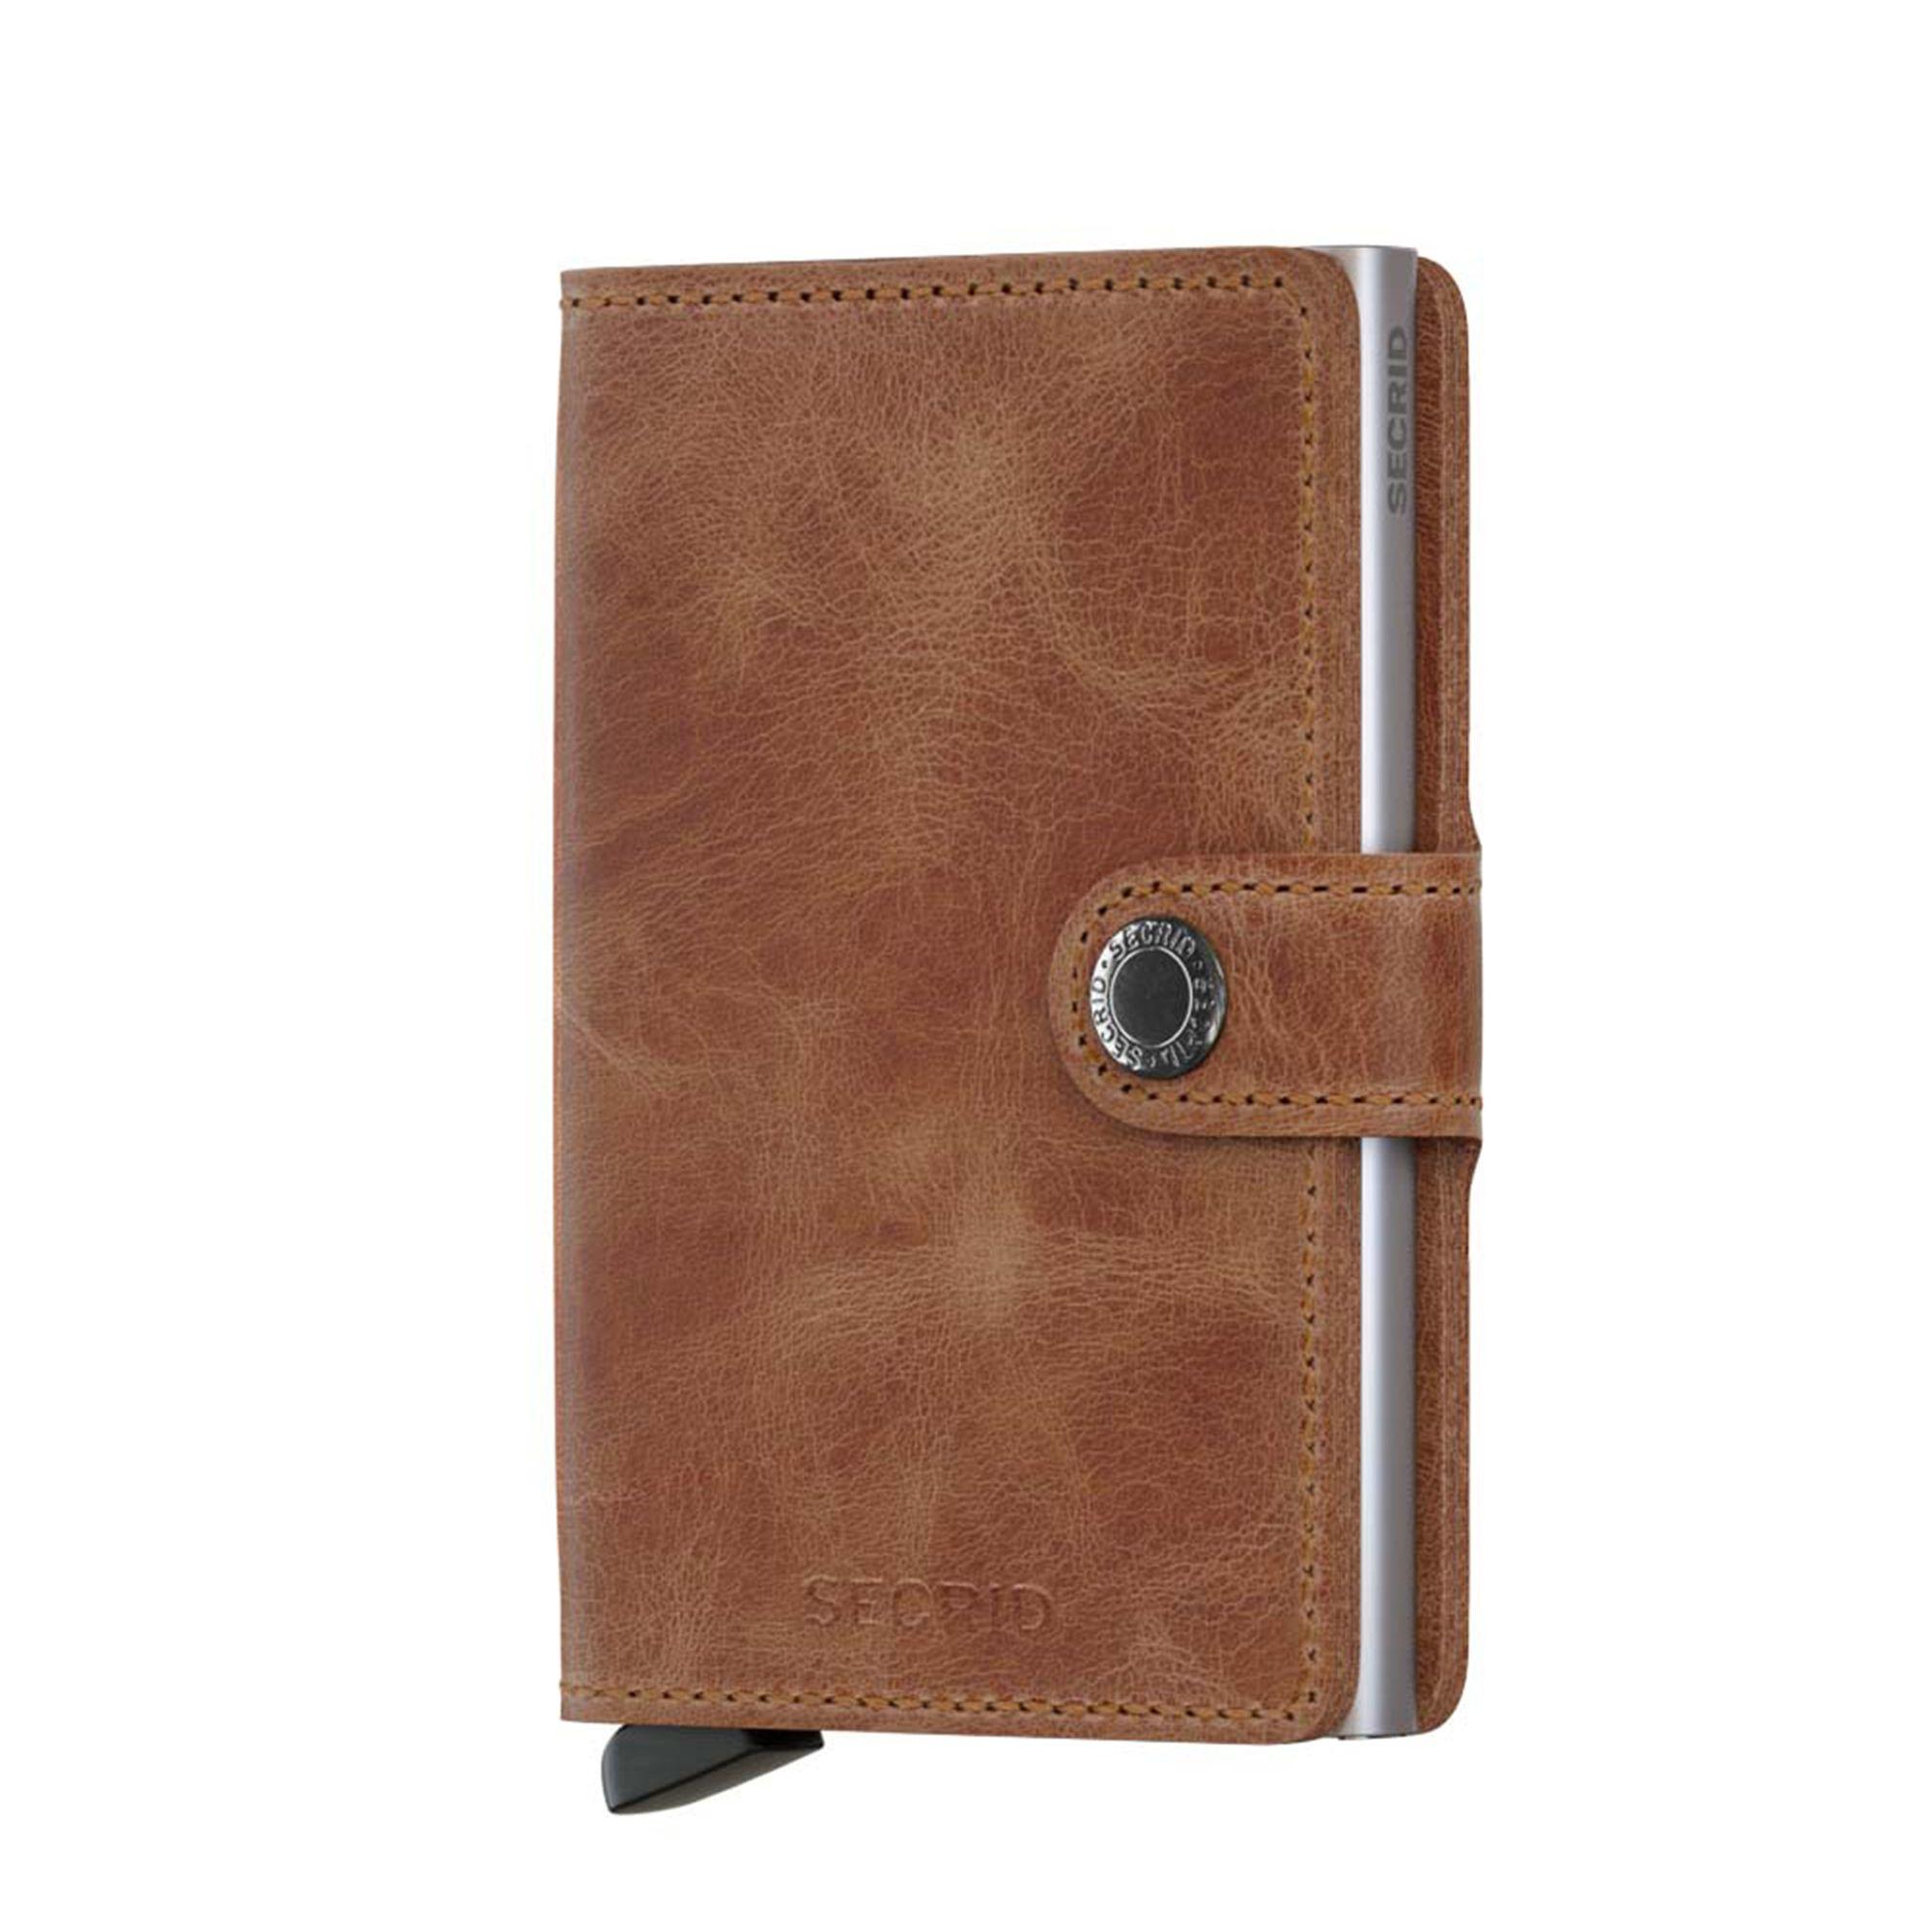 Secrid liten plånbok i skinn och metall, Cognac